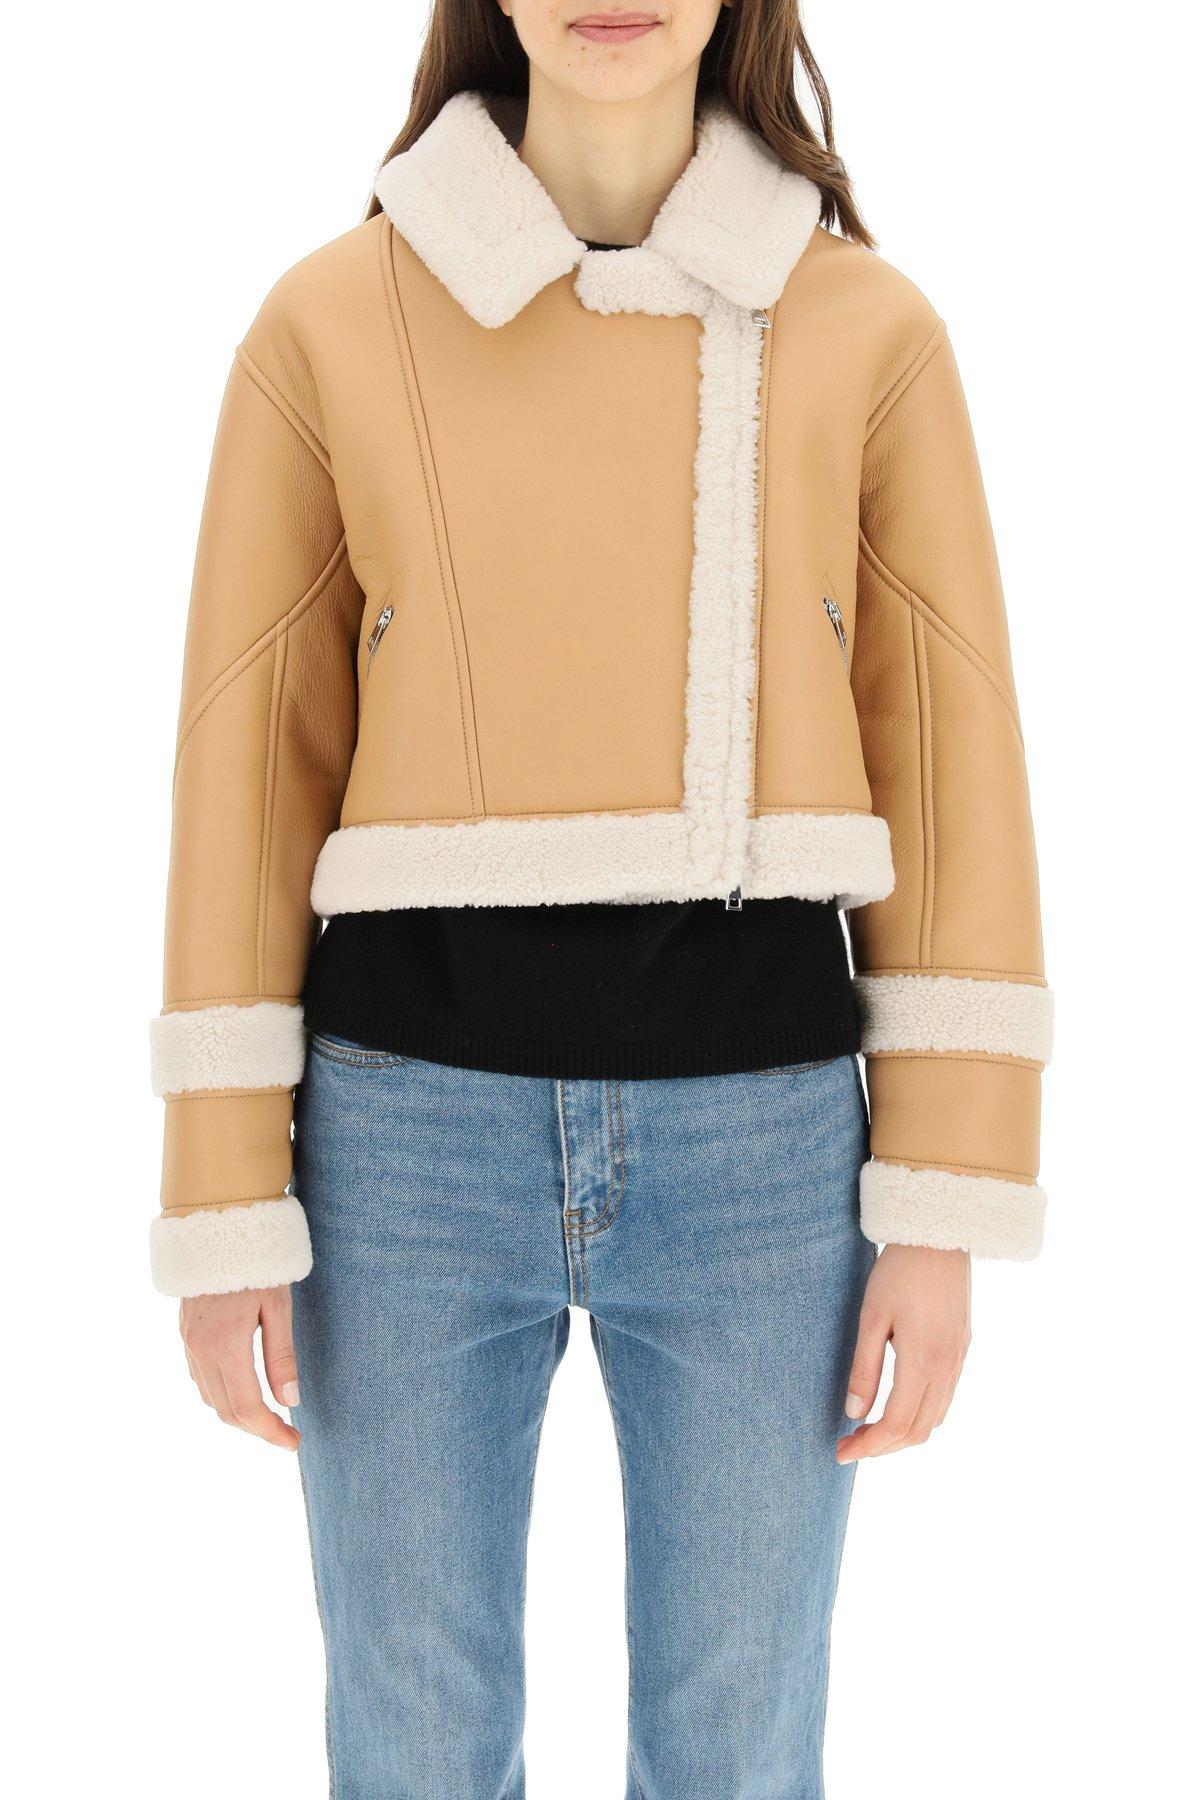 Blancha giacca aviator in shearling